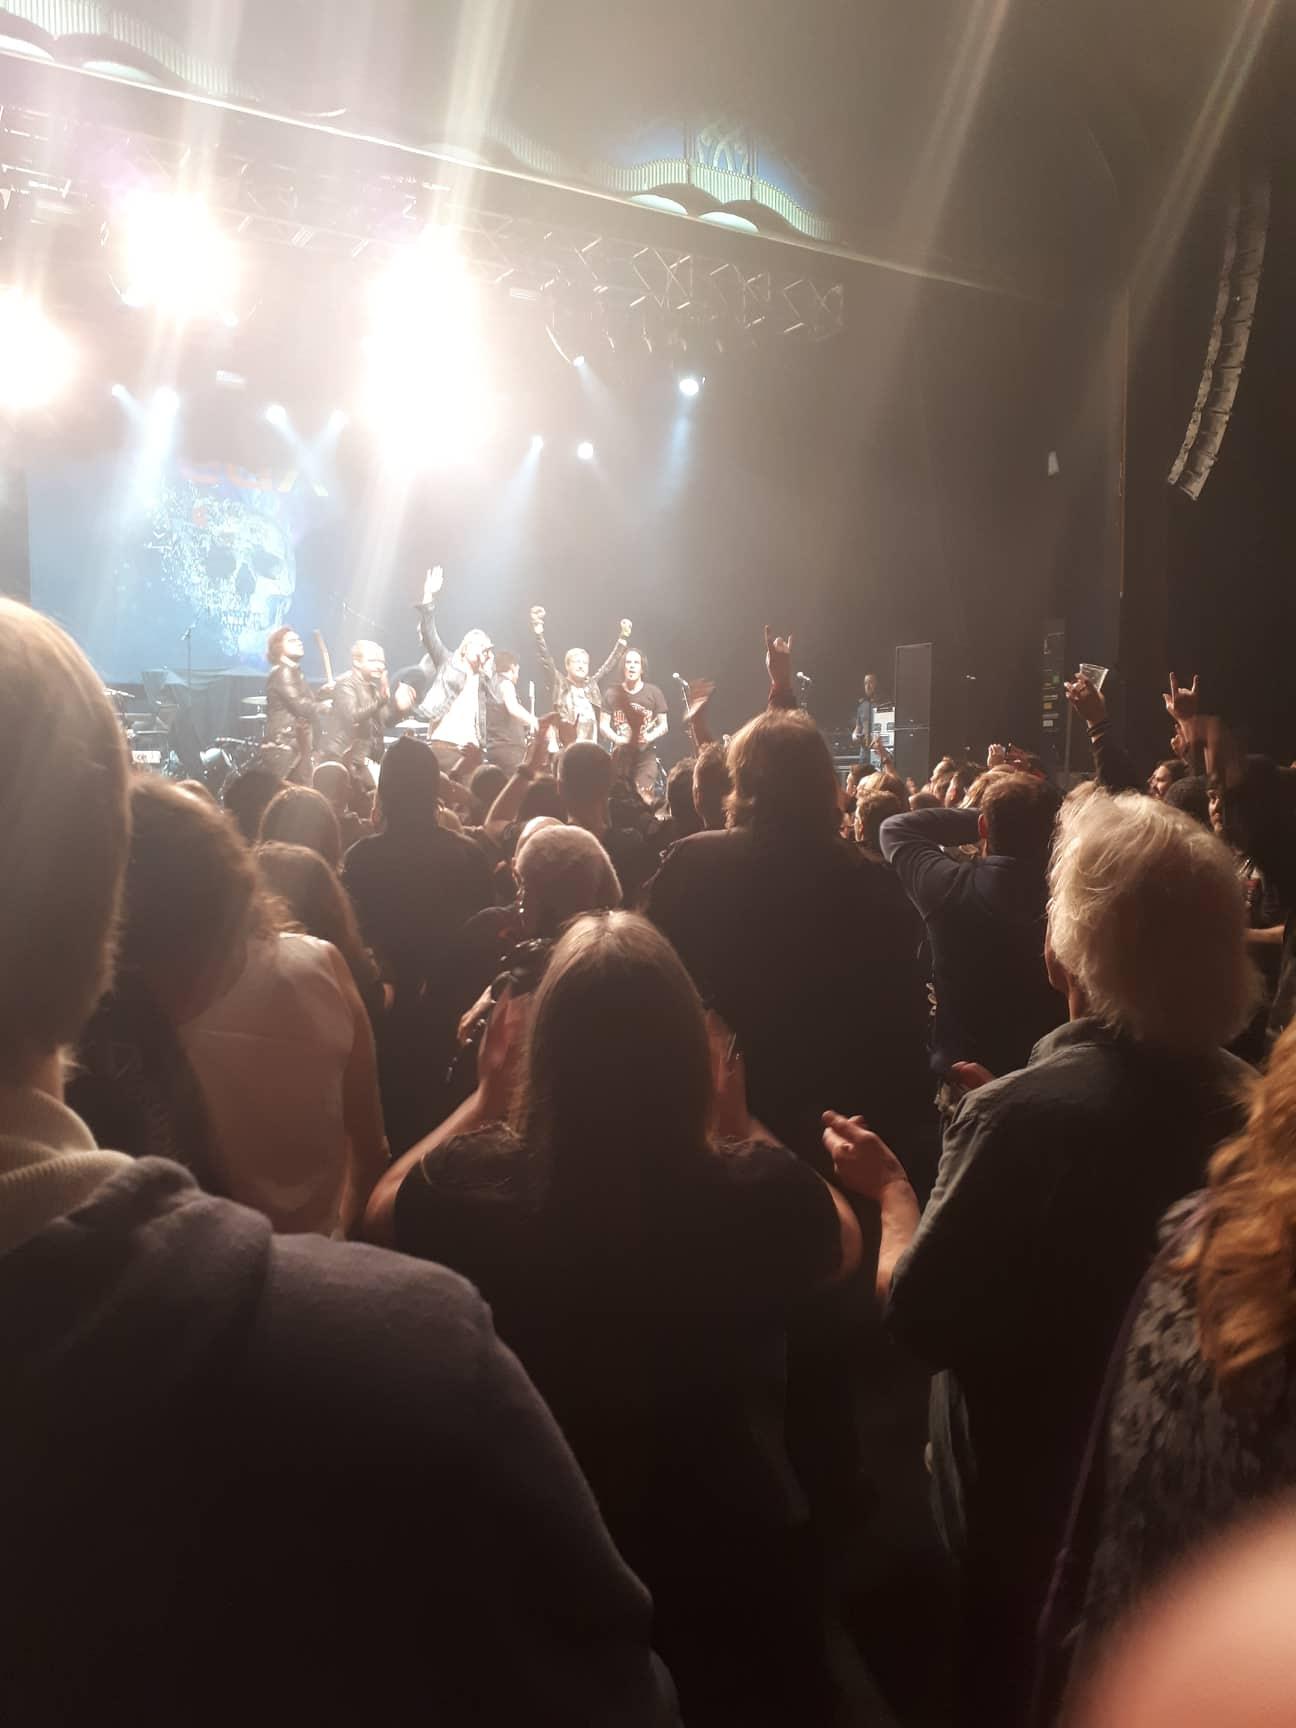 london crowd